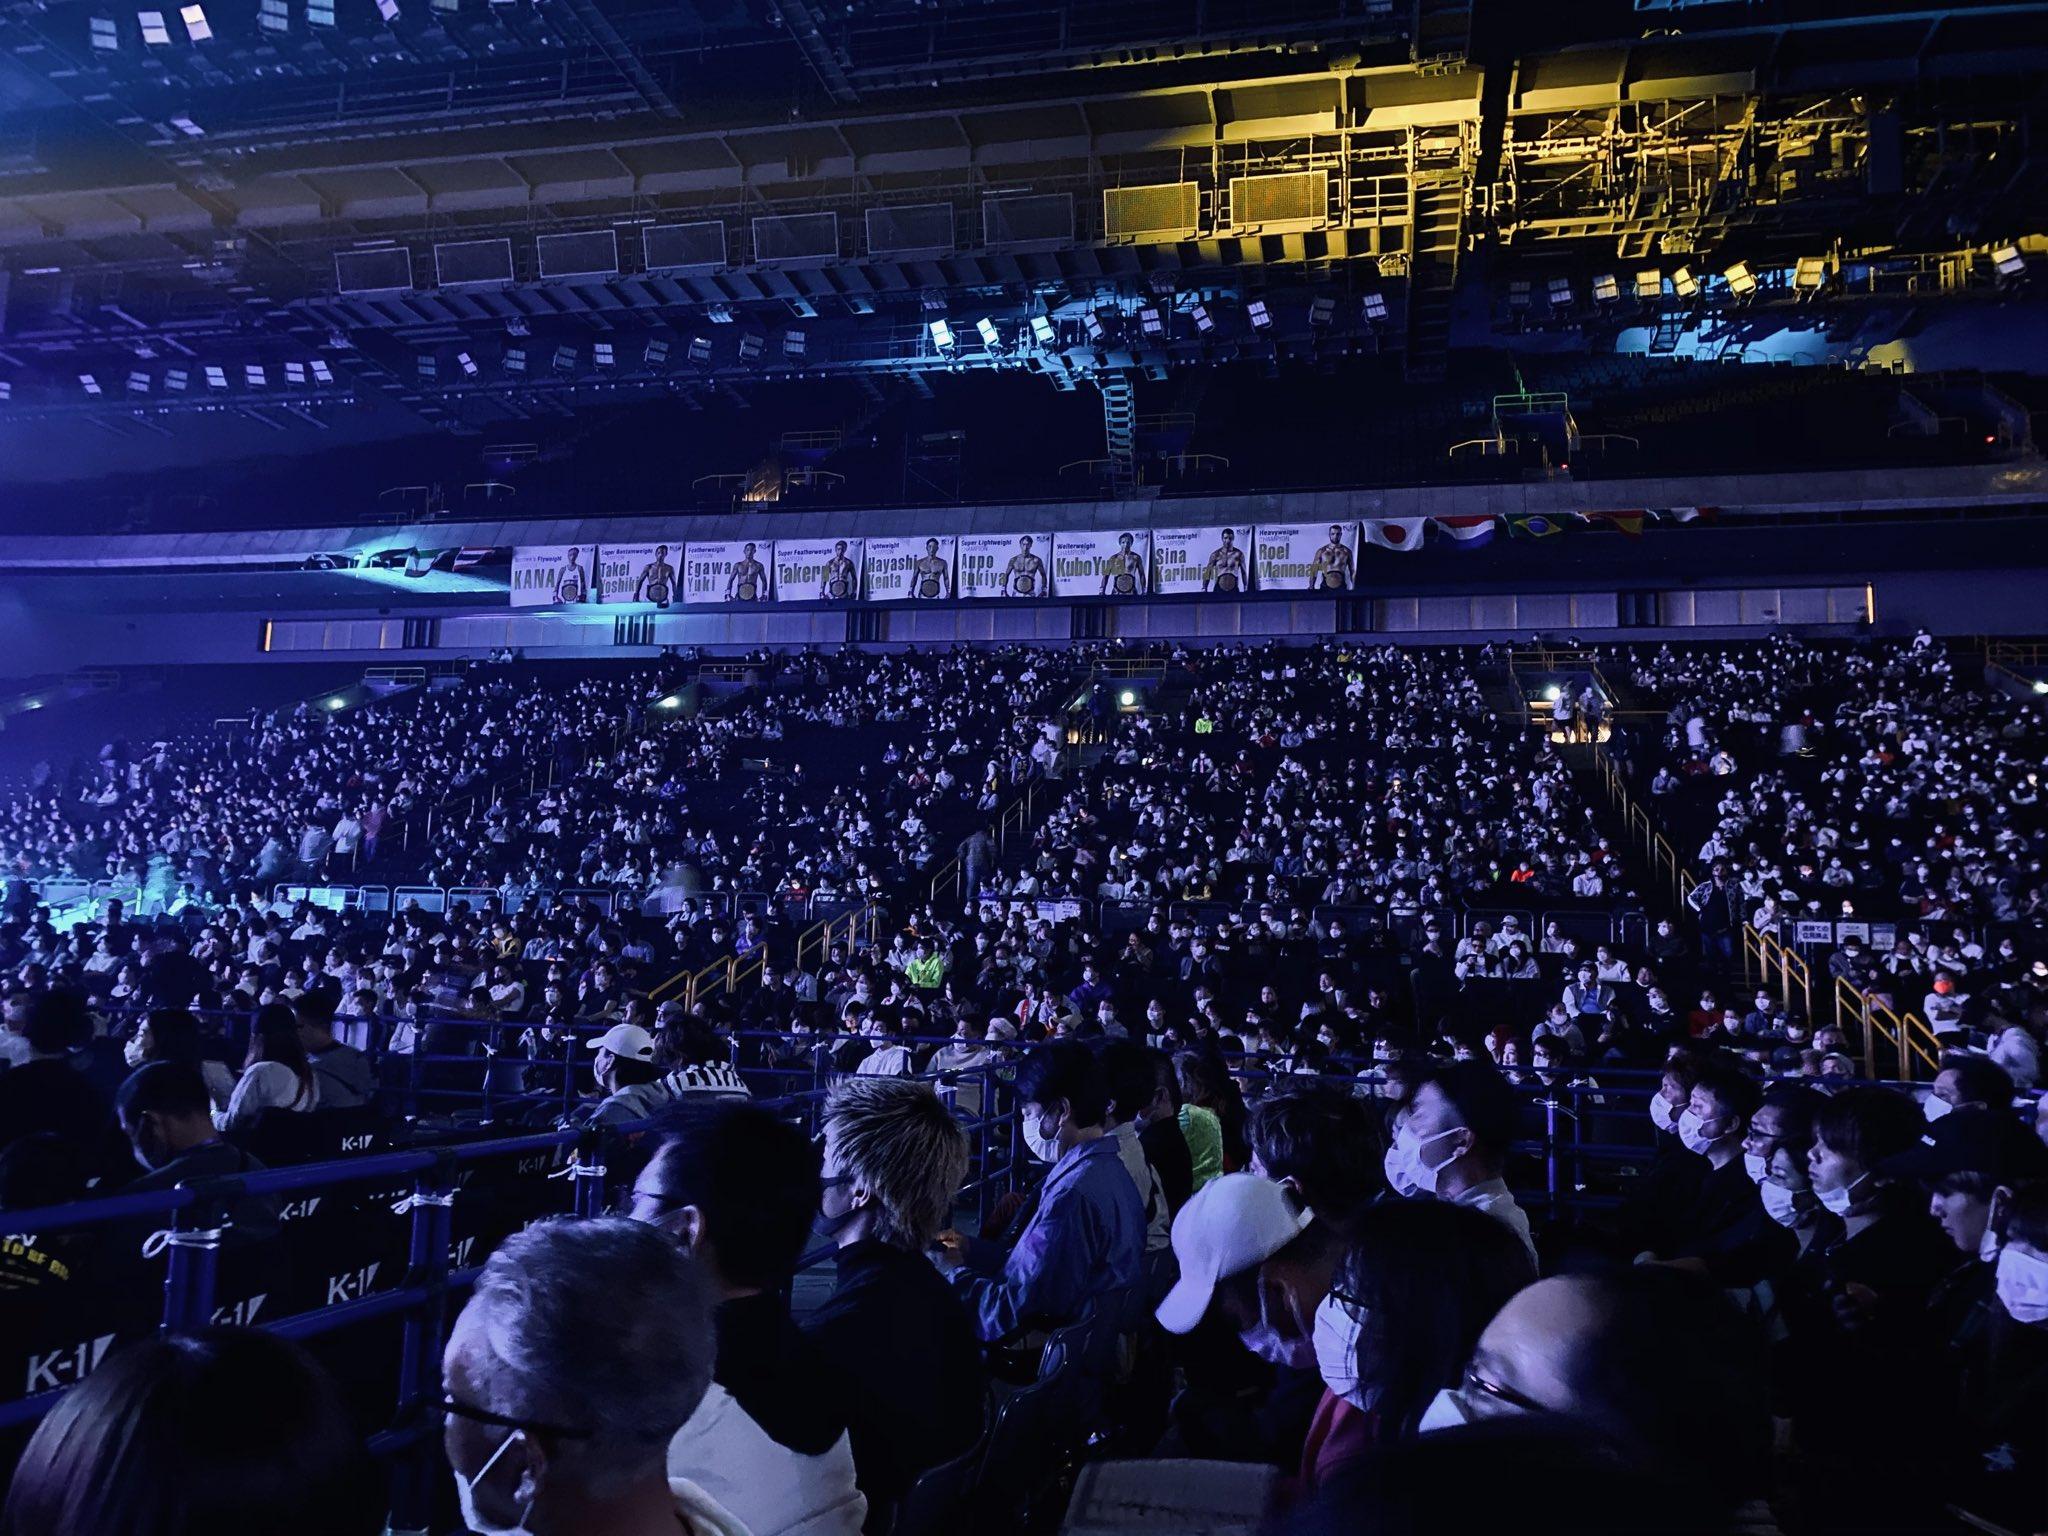 スーパーアリーナのK-1開催で満席になっている画像